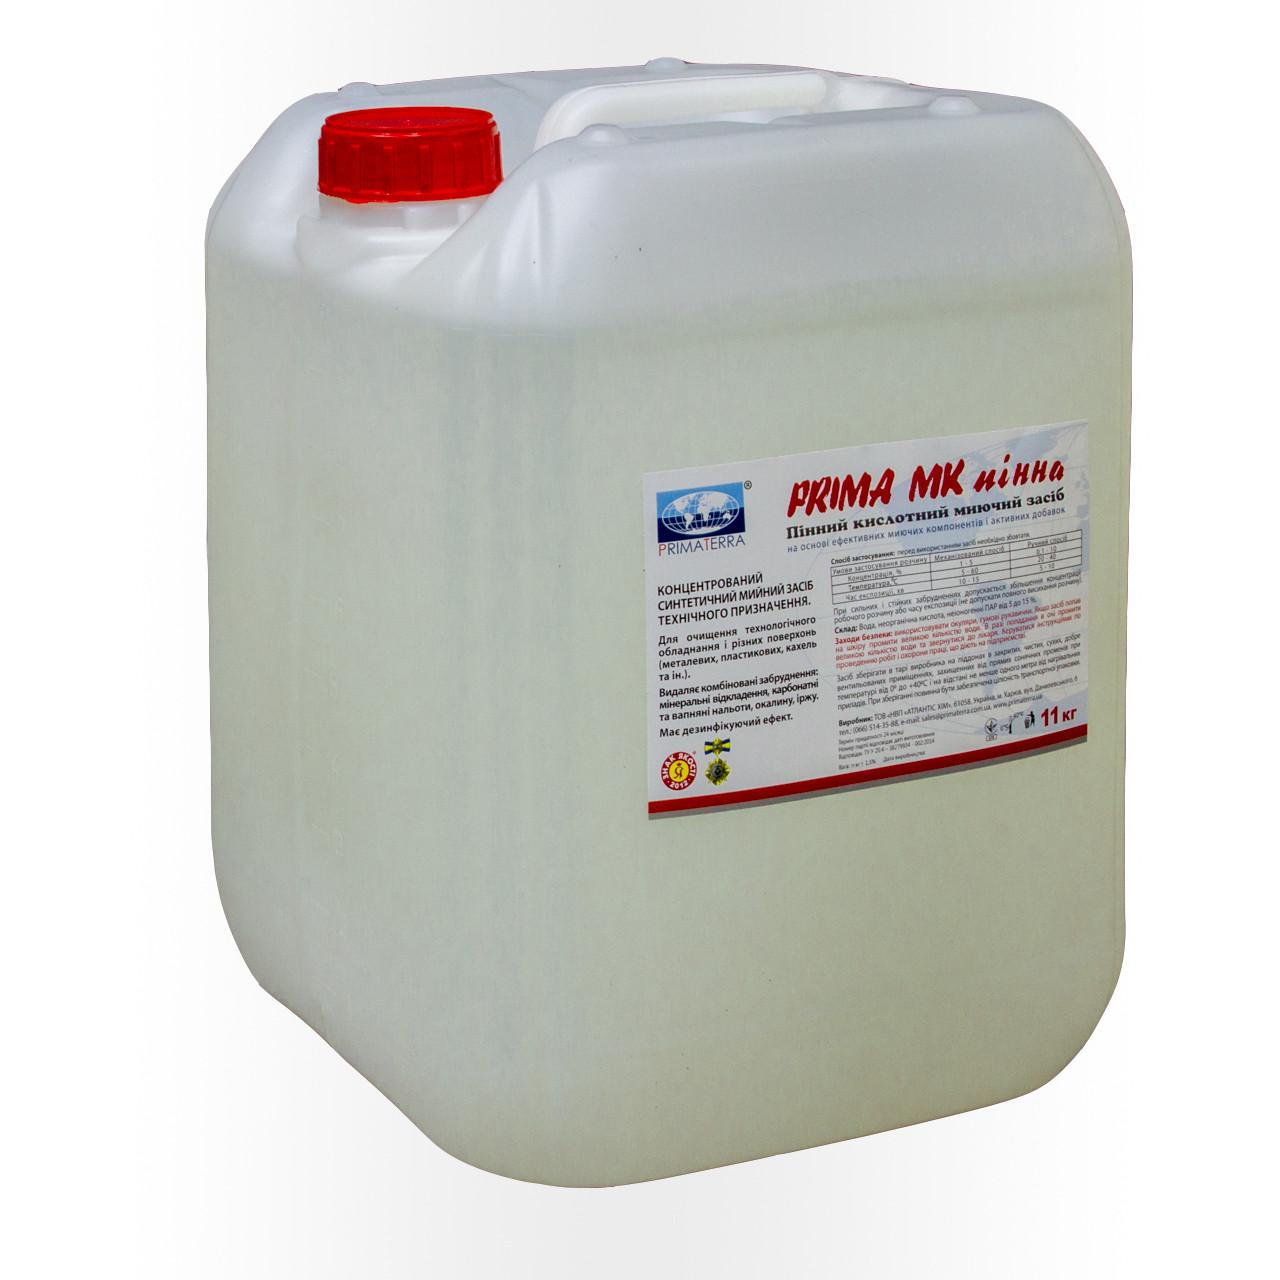 Кислотний пінний миючий засіб, концентрат PRIMA МК піна, 11 кг